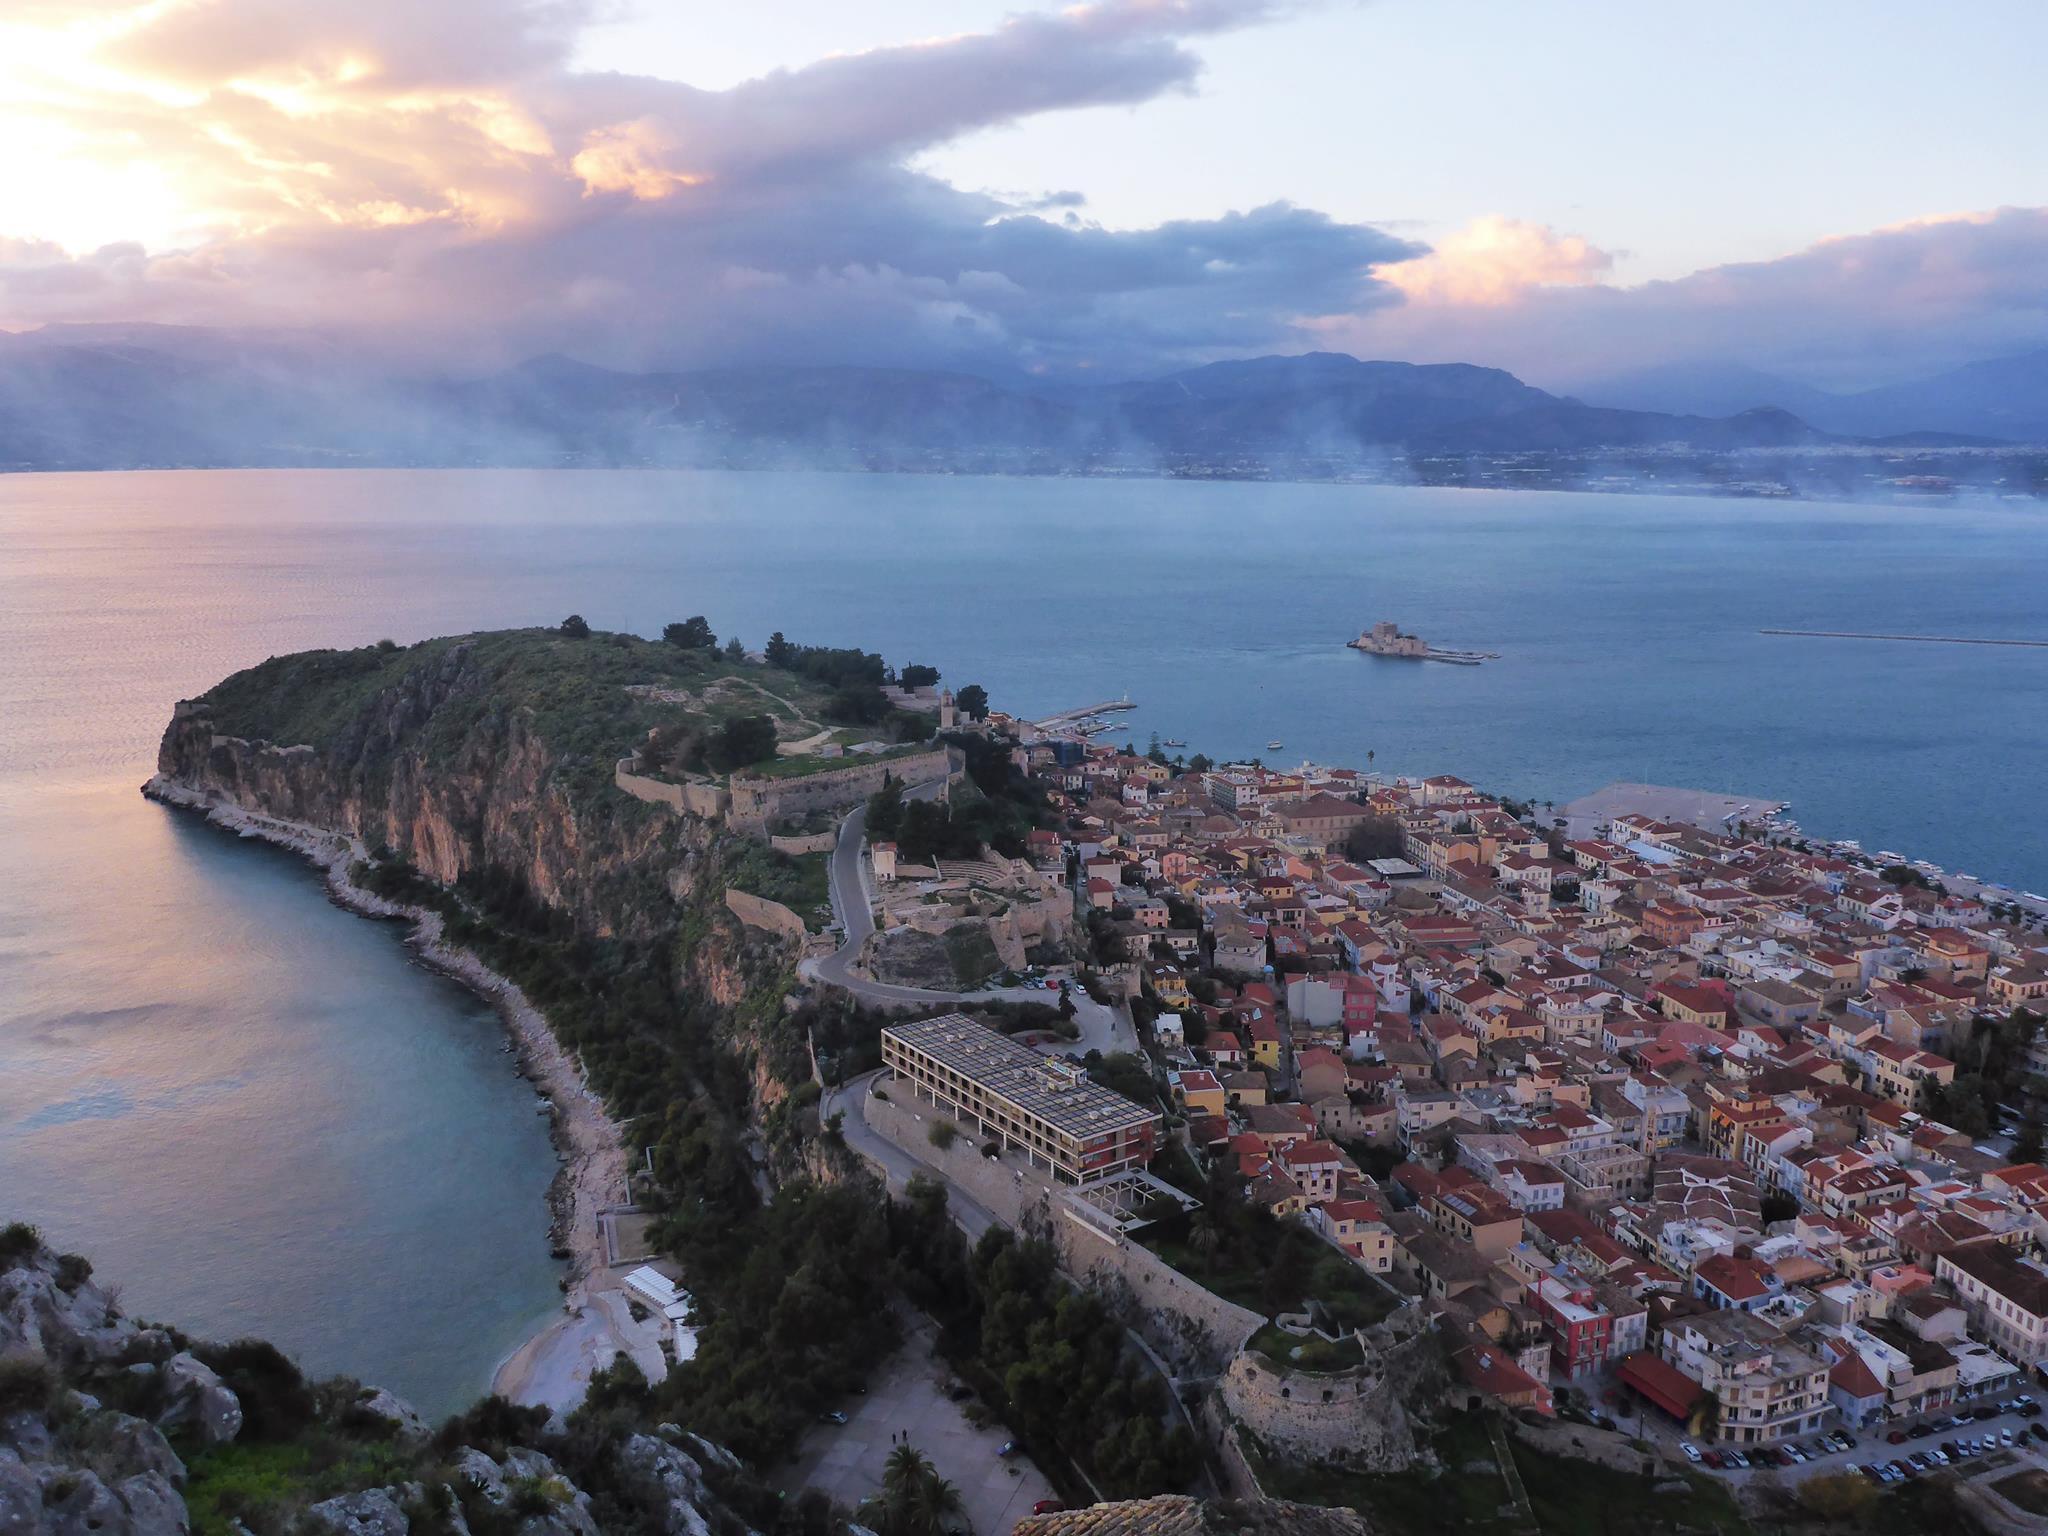 Nous partons pour quelques jours dans le Péloponèse, à visiter de nombreux lieux